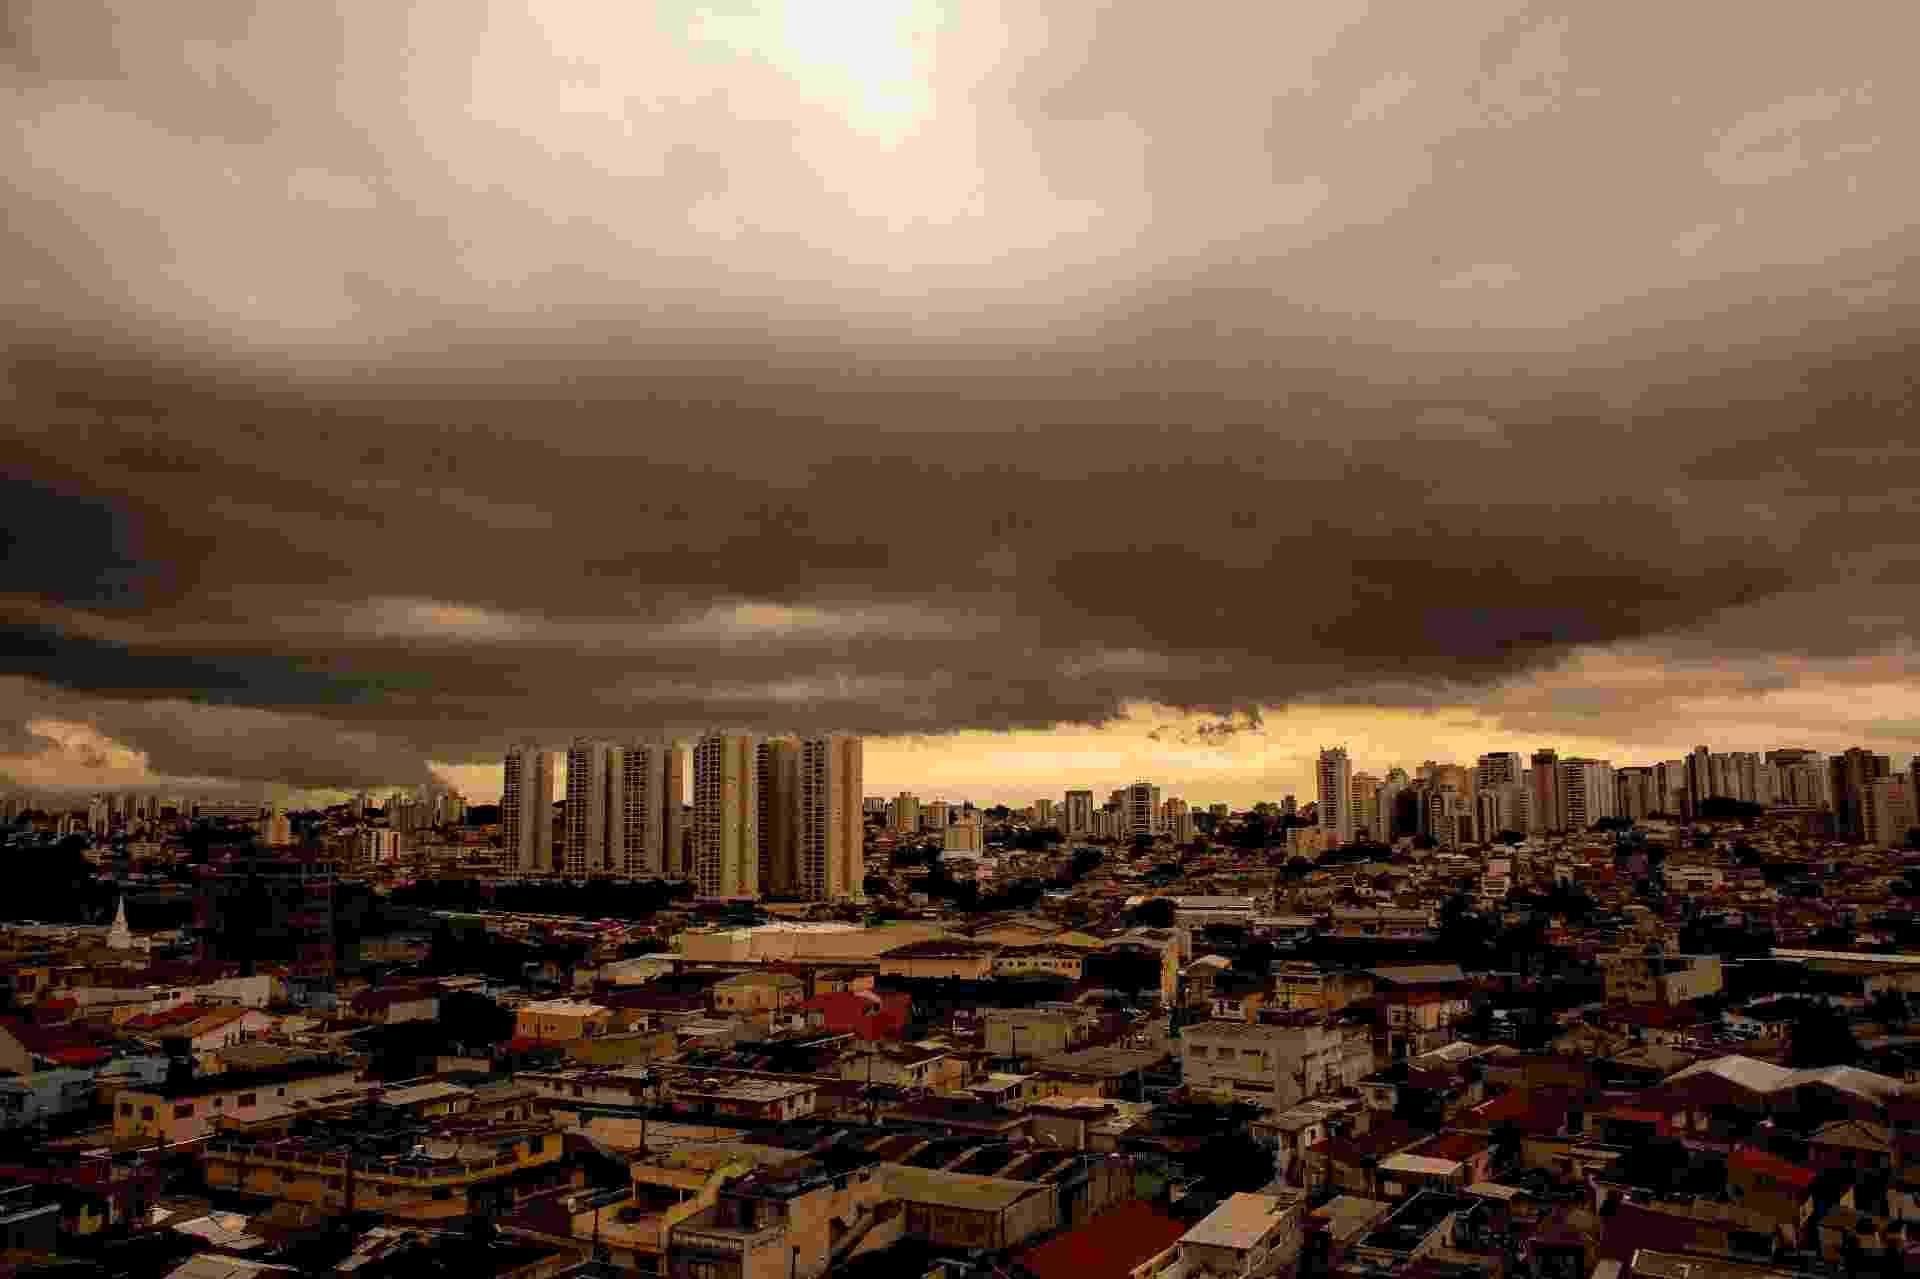 23.nov.2018 - Nuvens de chuva são vistas sobre o bairro do Jabaquara, na zona sul de São Paulo na tarde dessa sexta-feira (23) - LÉO PINHEIRO/ESTADÃO CONTEÚDO